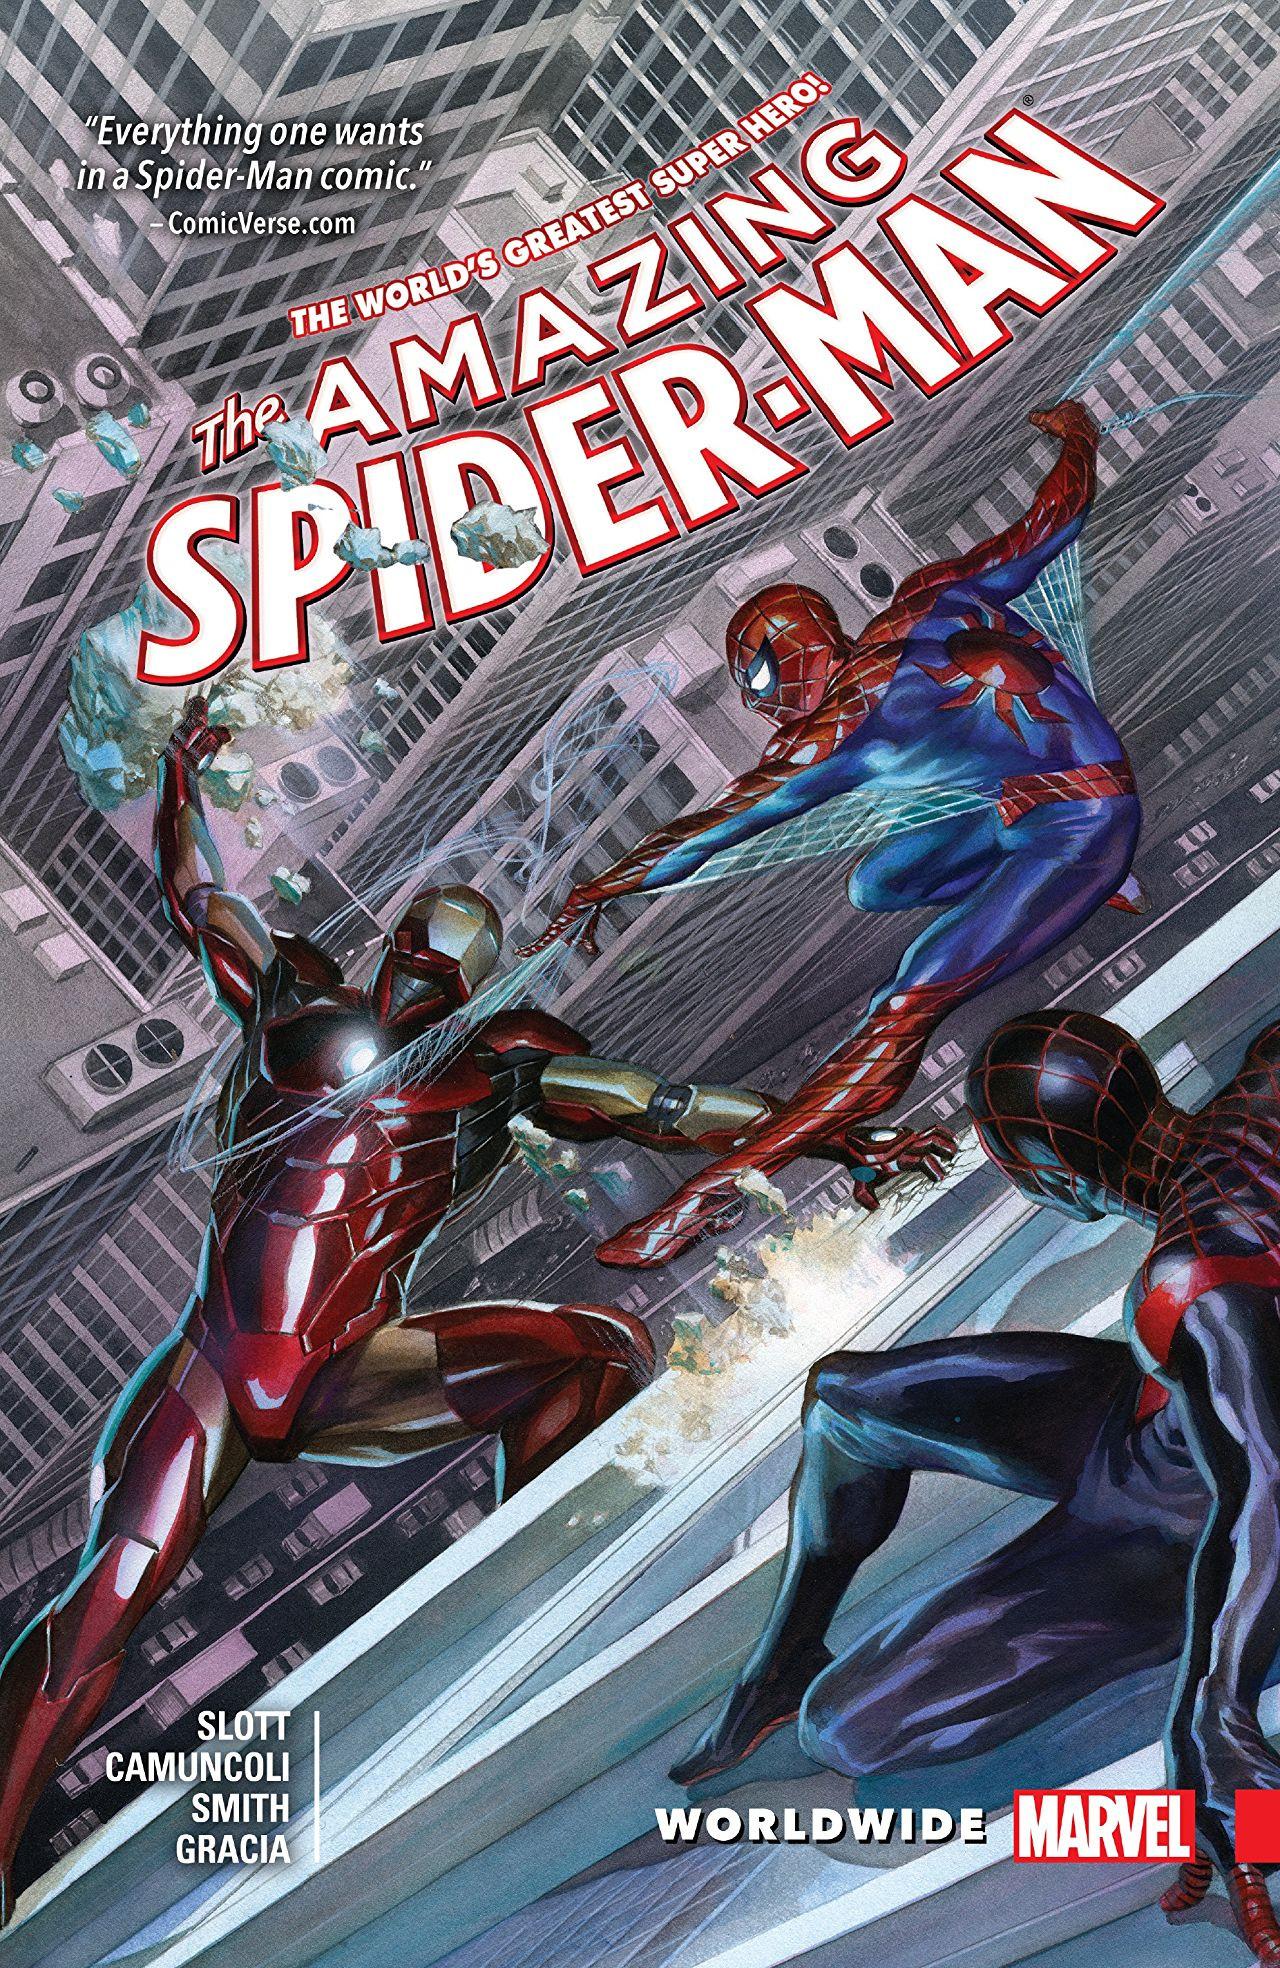 Amazing Spider-Man: Worldwide Collection Vol 1 2